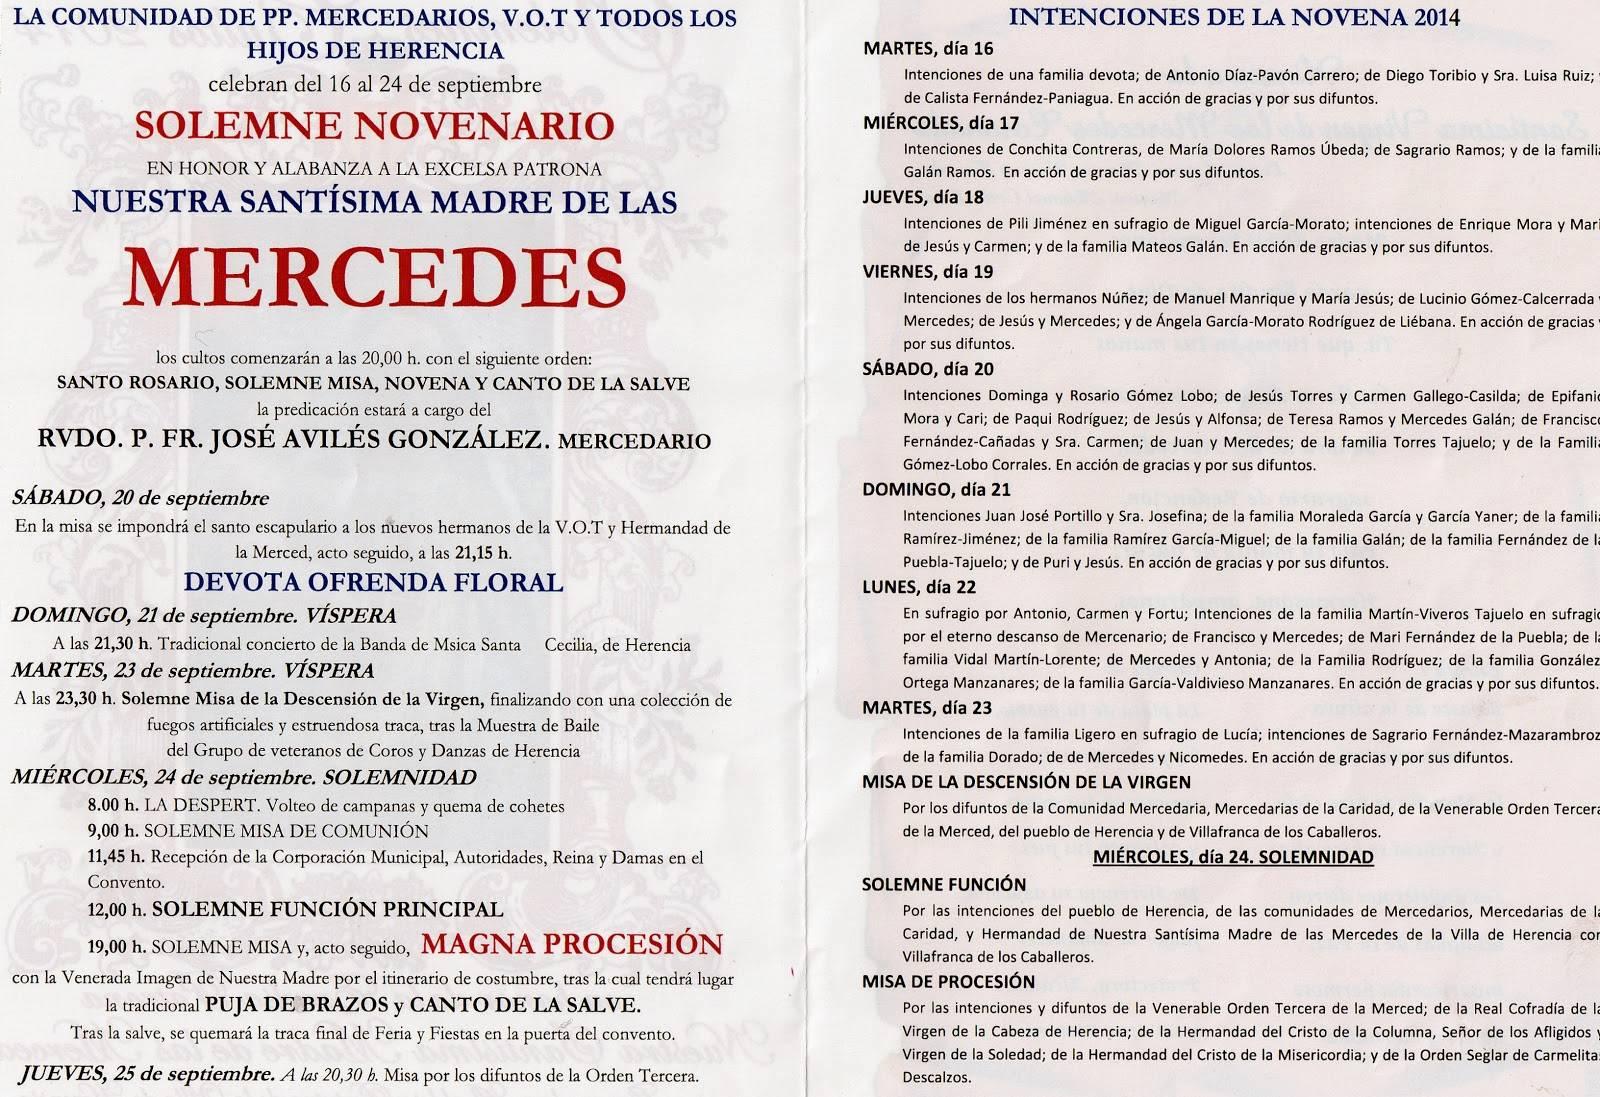 patronadeherencia002 - Actos en honor a la Virgen de las Mercedes